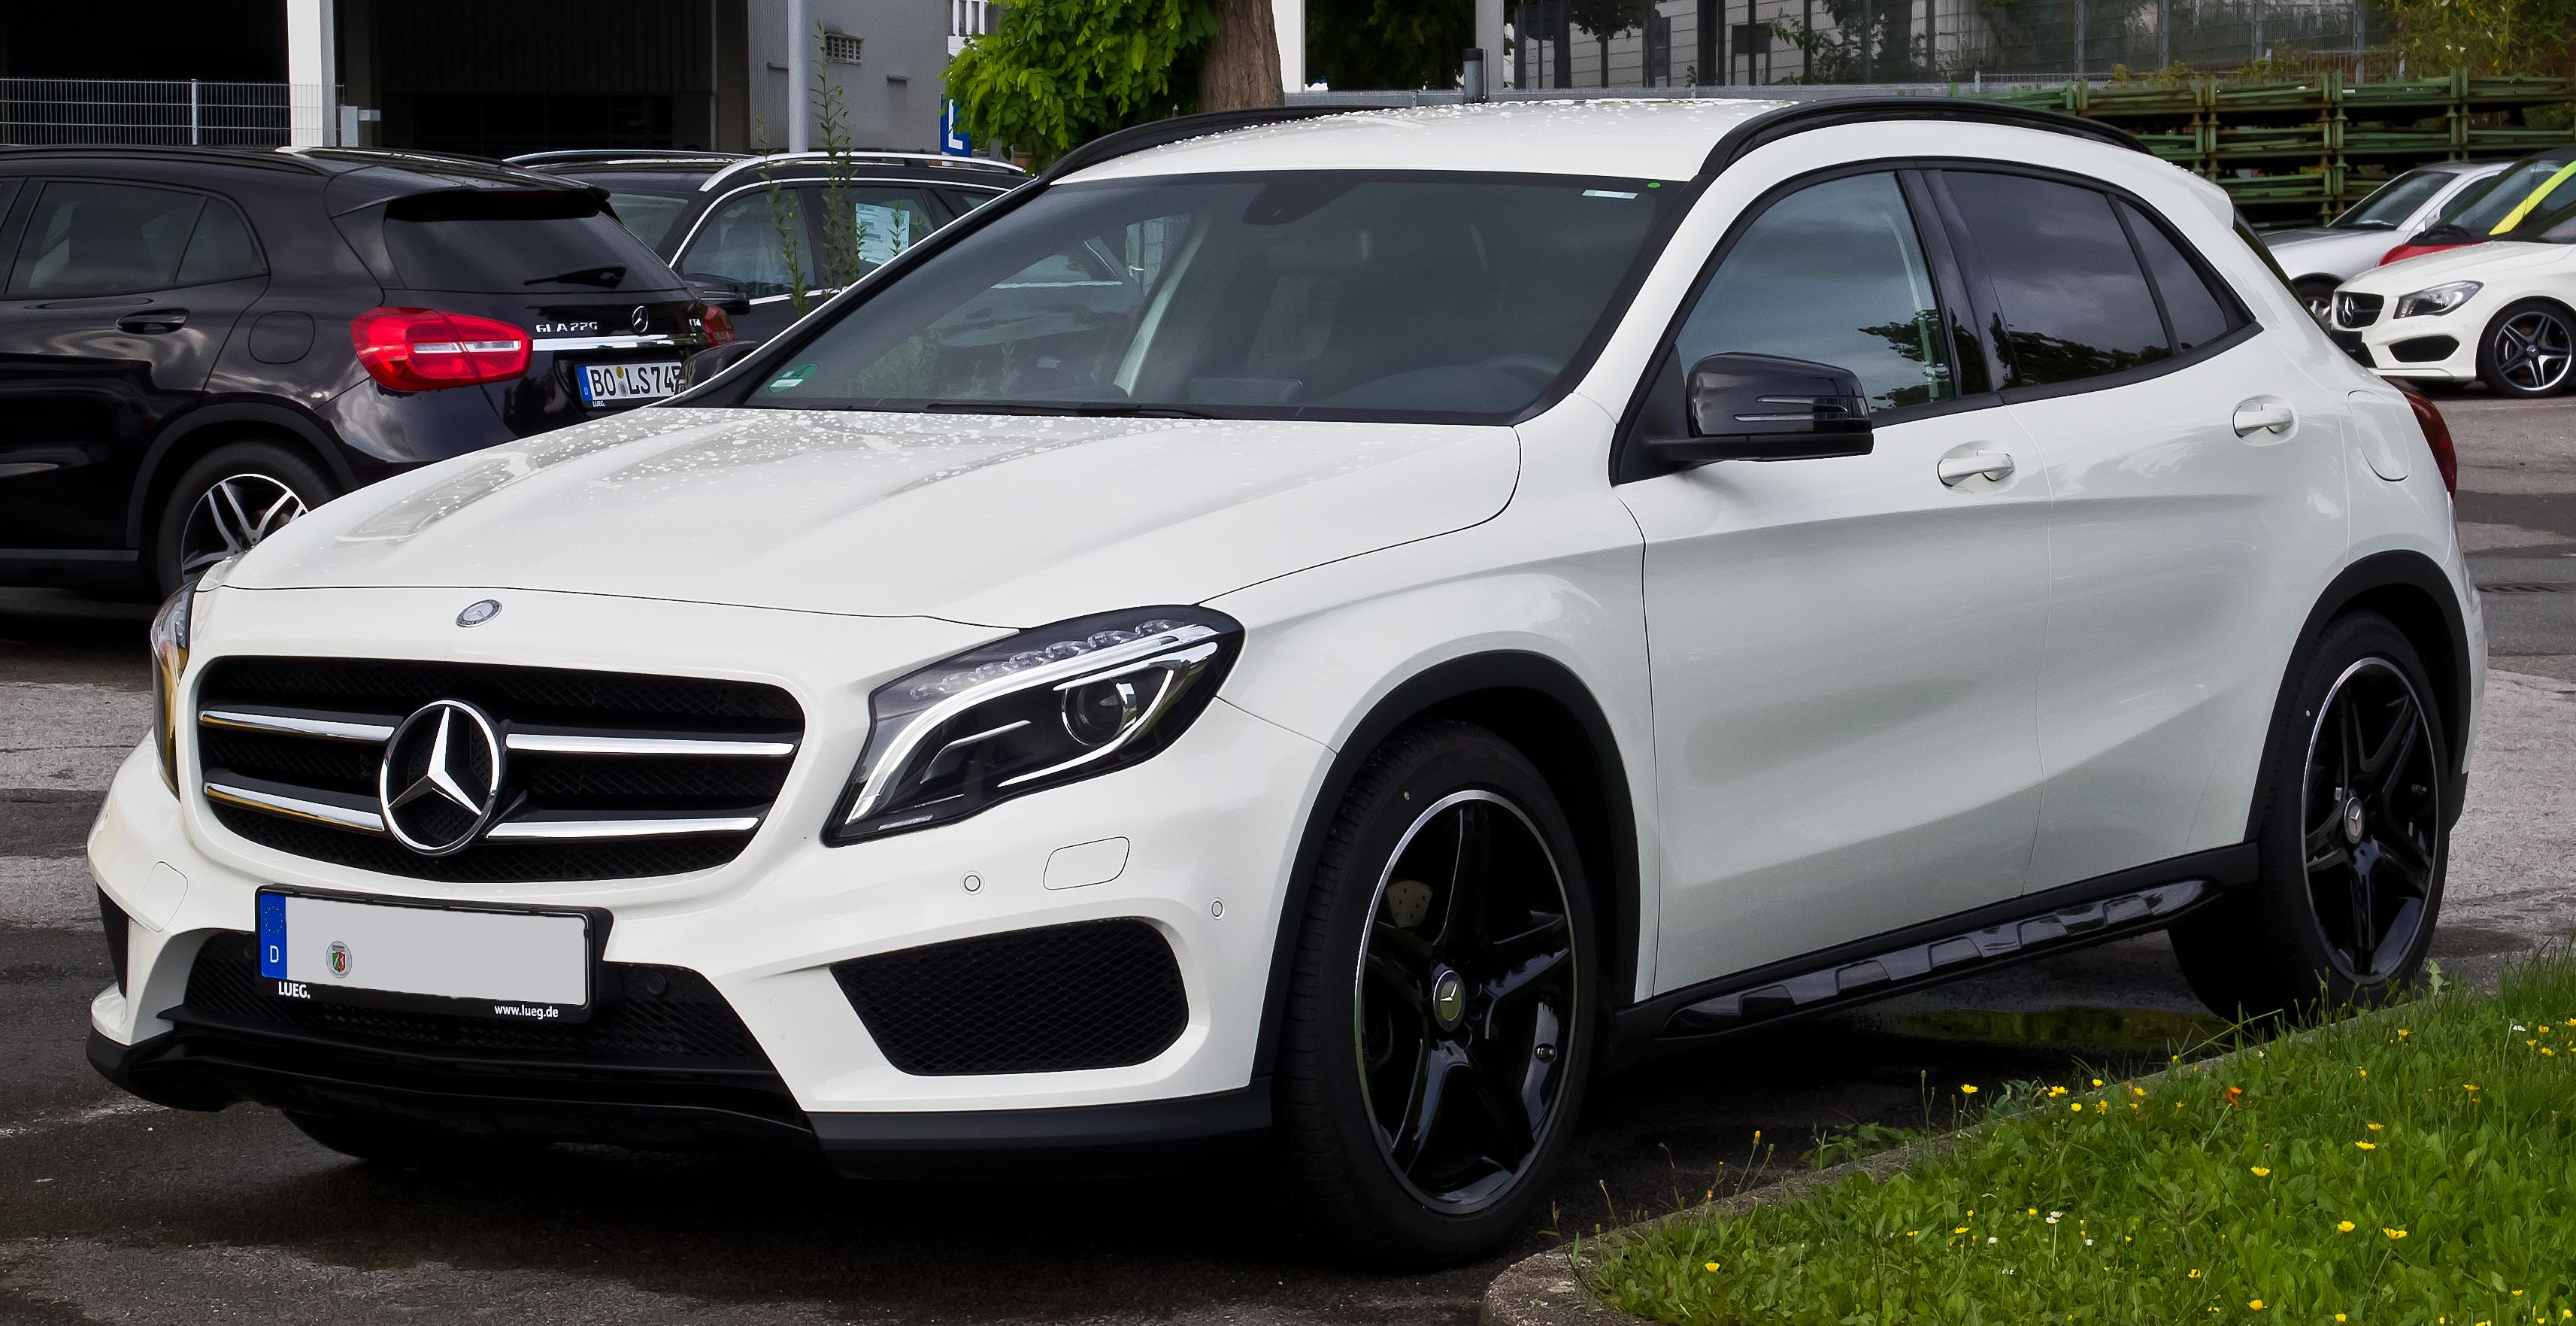 File:Mercedes-Benz GLA 200 CDI AMG Line (X 156) – Frontansicht, 16. August 2014, Essen.jpg ...